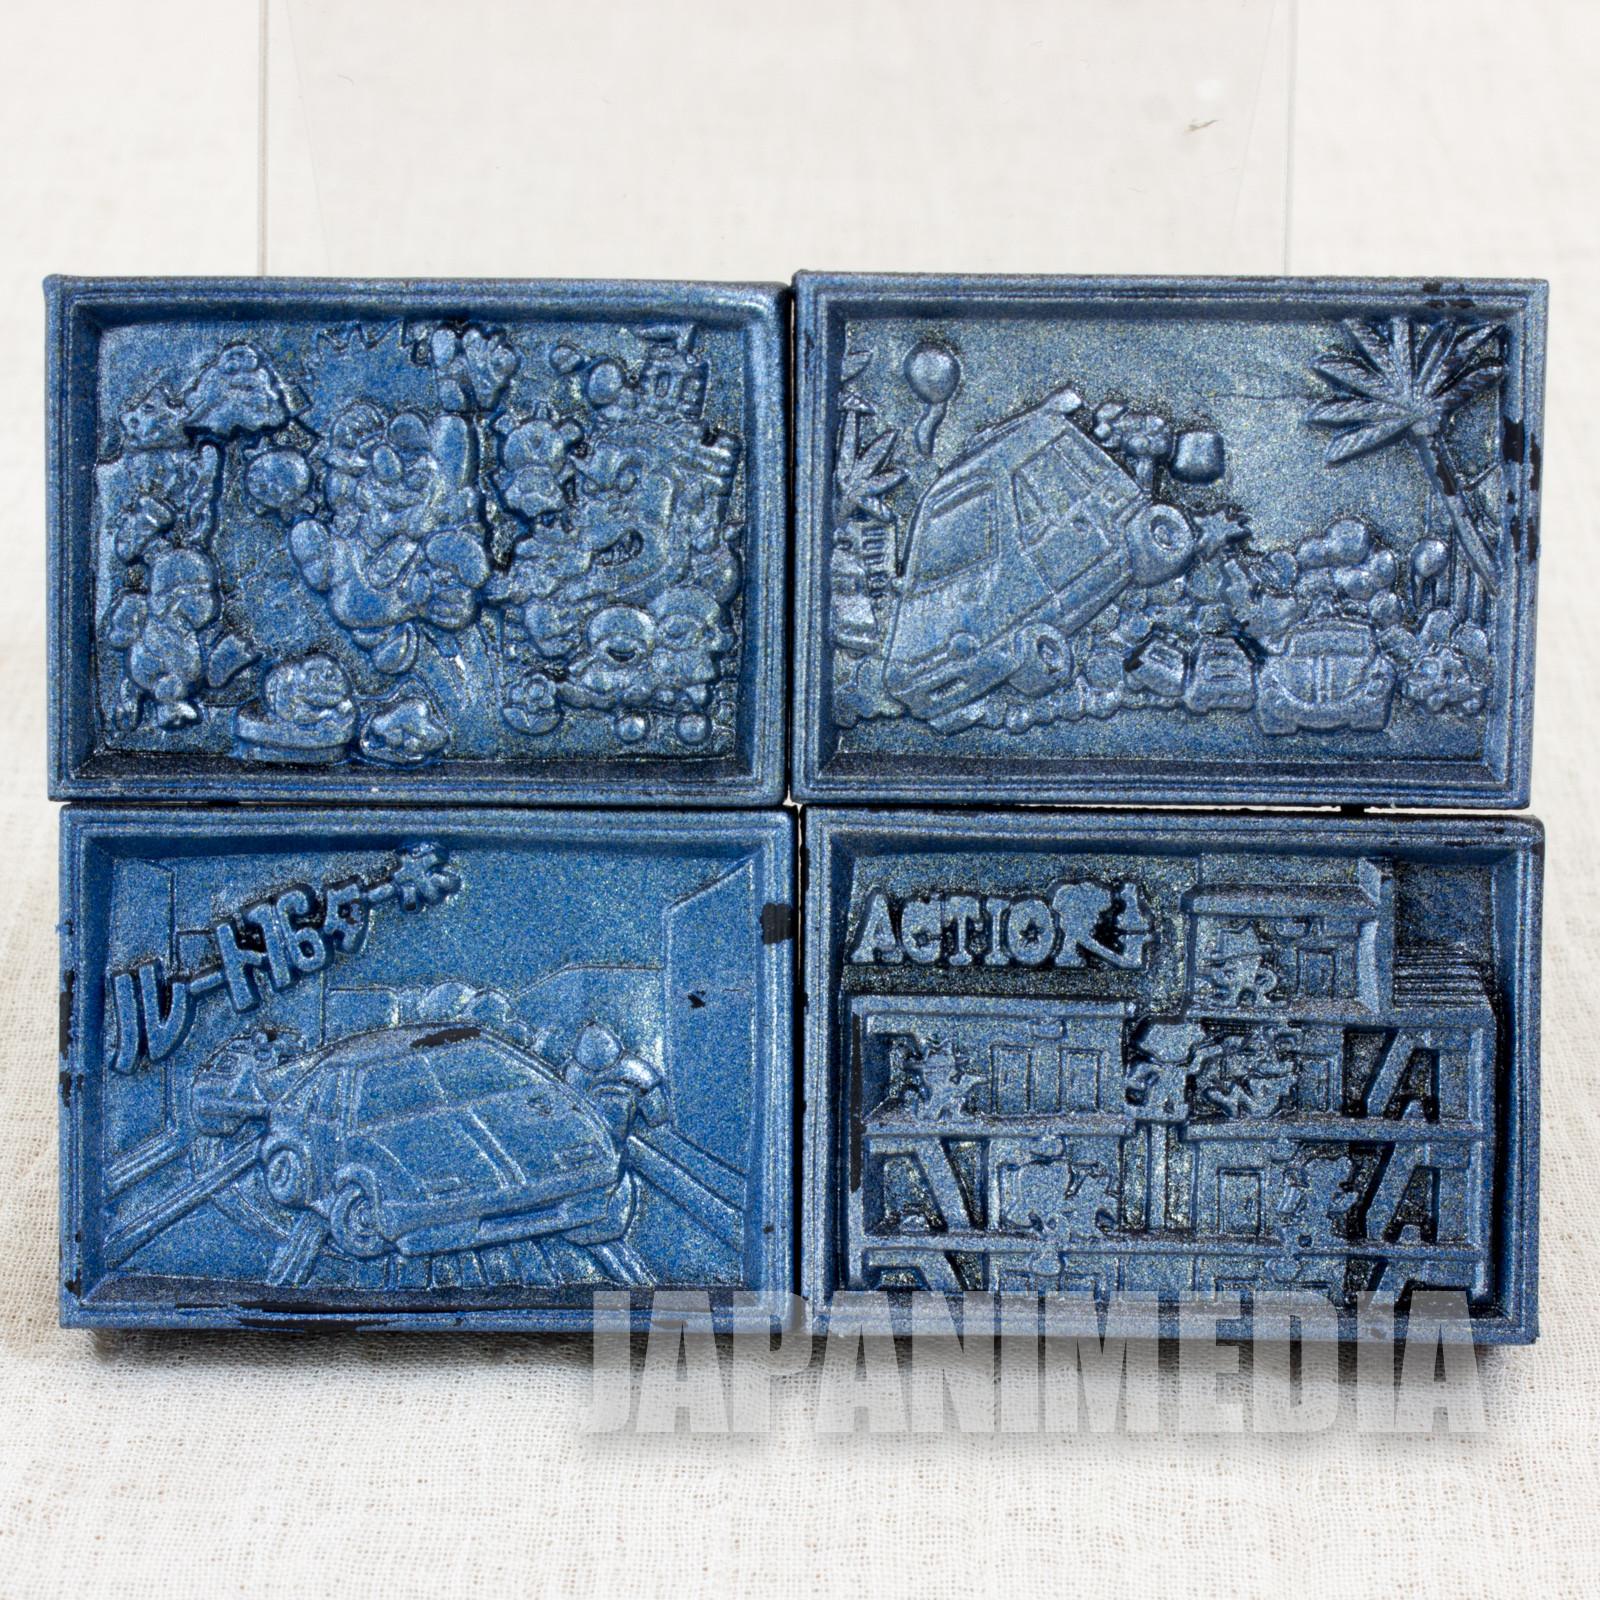 NES Cassette type Eraser Set Super Mario Bros. Eleveter Action Route 16 Turbo